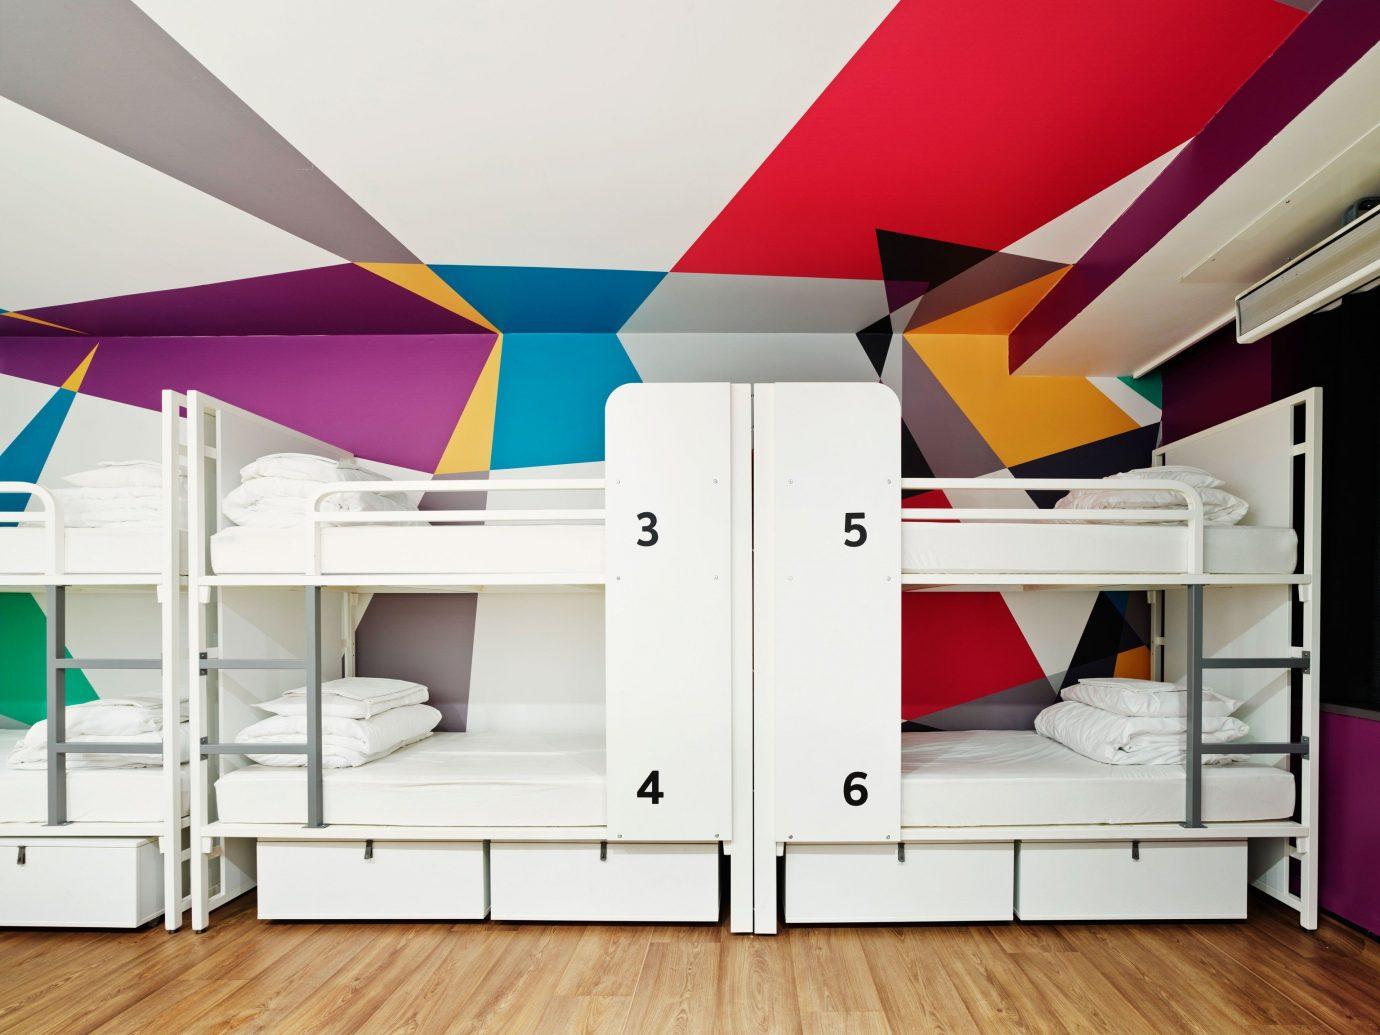 Offbeat floor indoor furniture room interior design bed bunk bed Design ceiling wardrobe